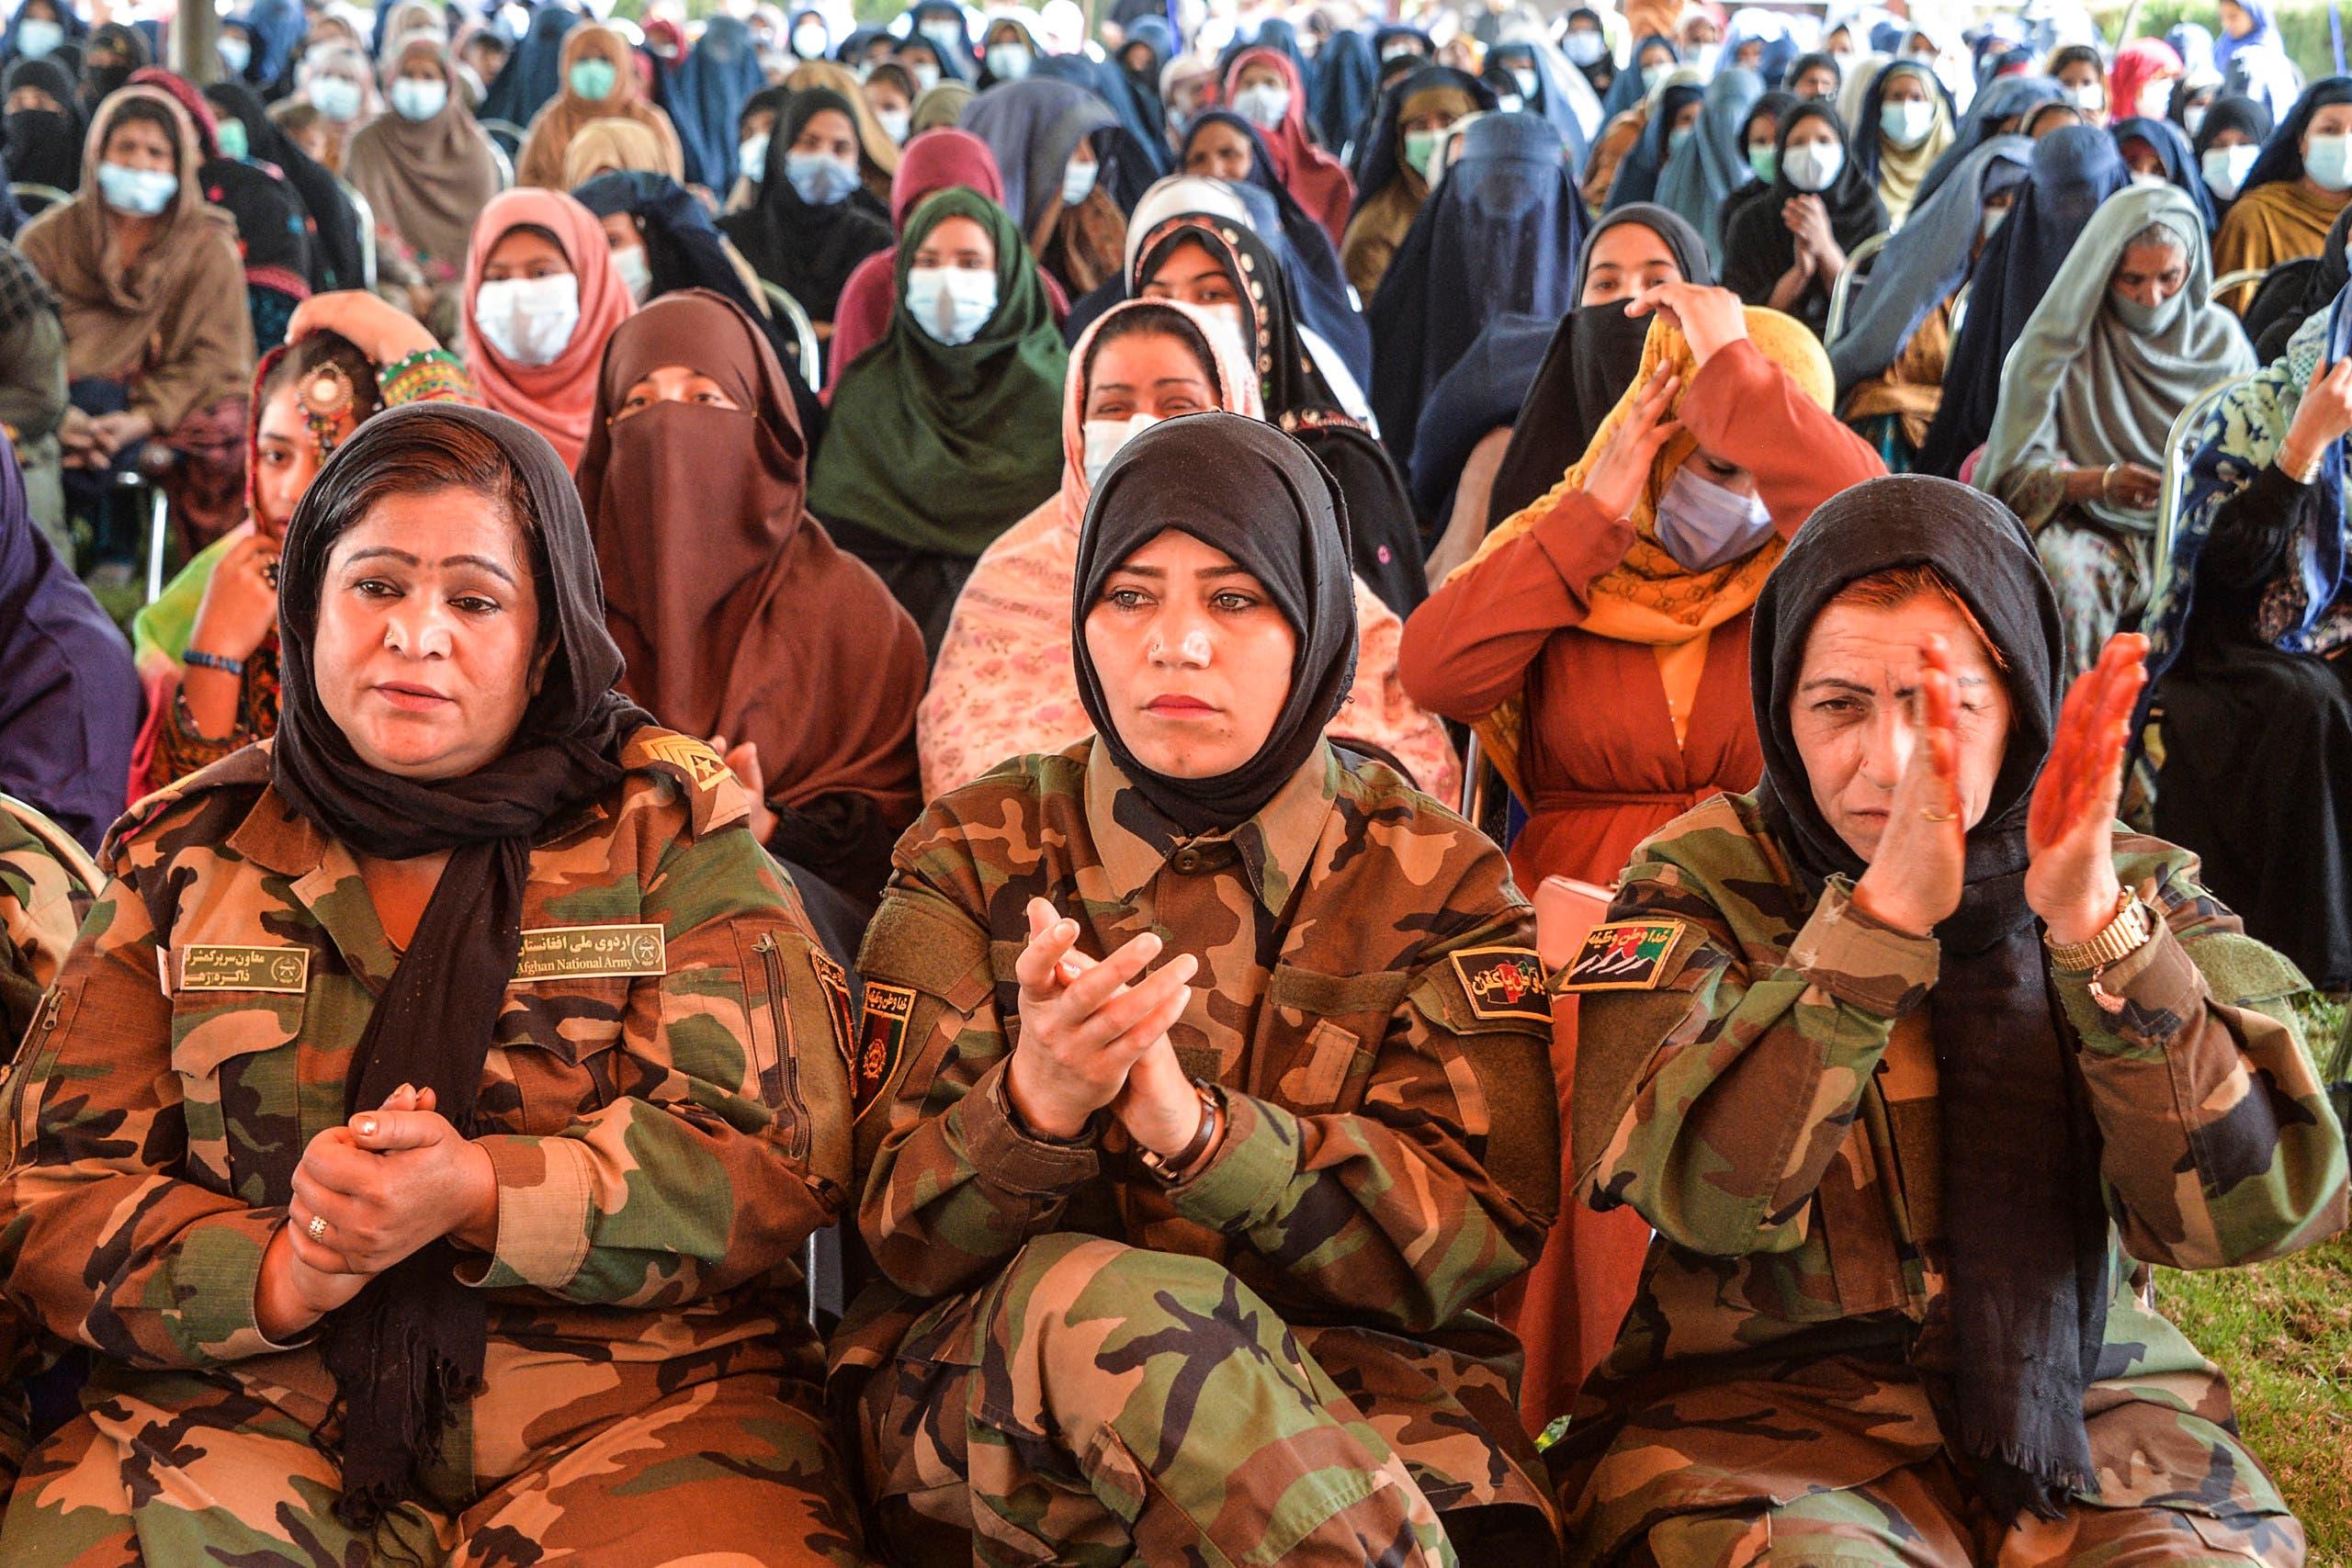 سيدات في مؤتمر في جلال أباد في مارس الماضي بمناسبة يوم المرأة العالمي